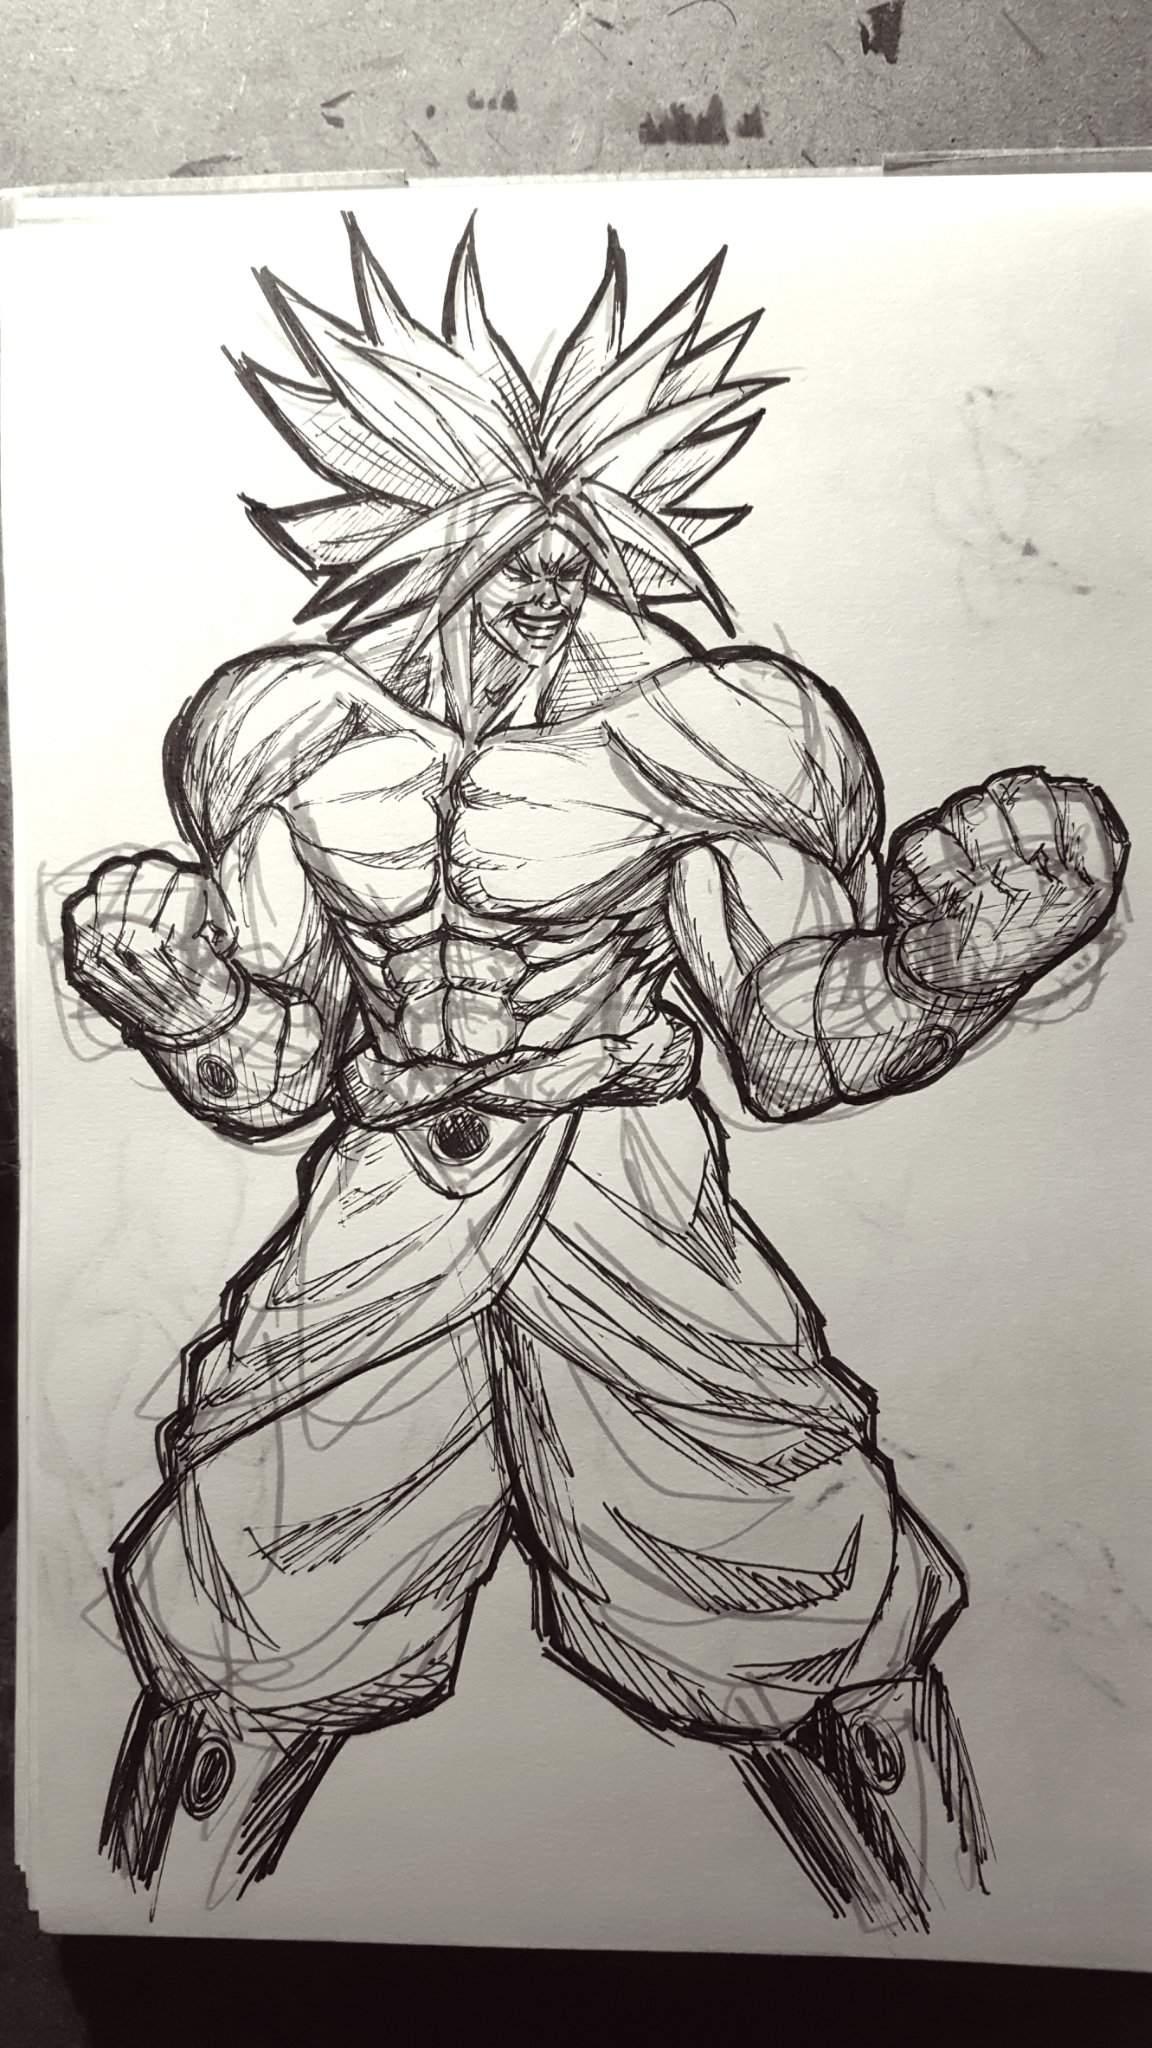 Broly Sketch : broly, sketch, Broly, Sketch, DragonBallZ, Amino